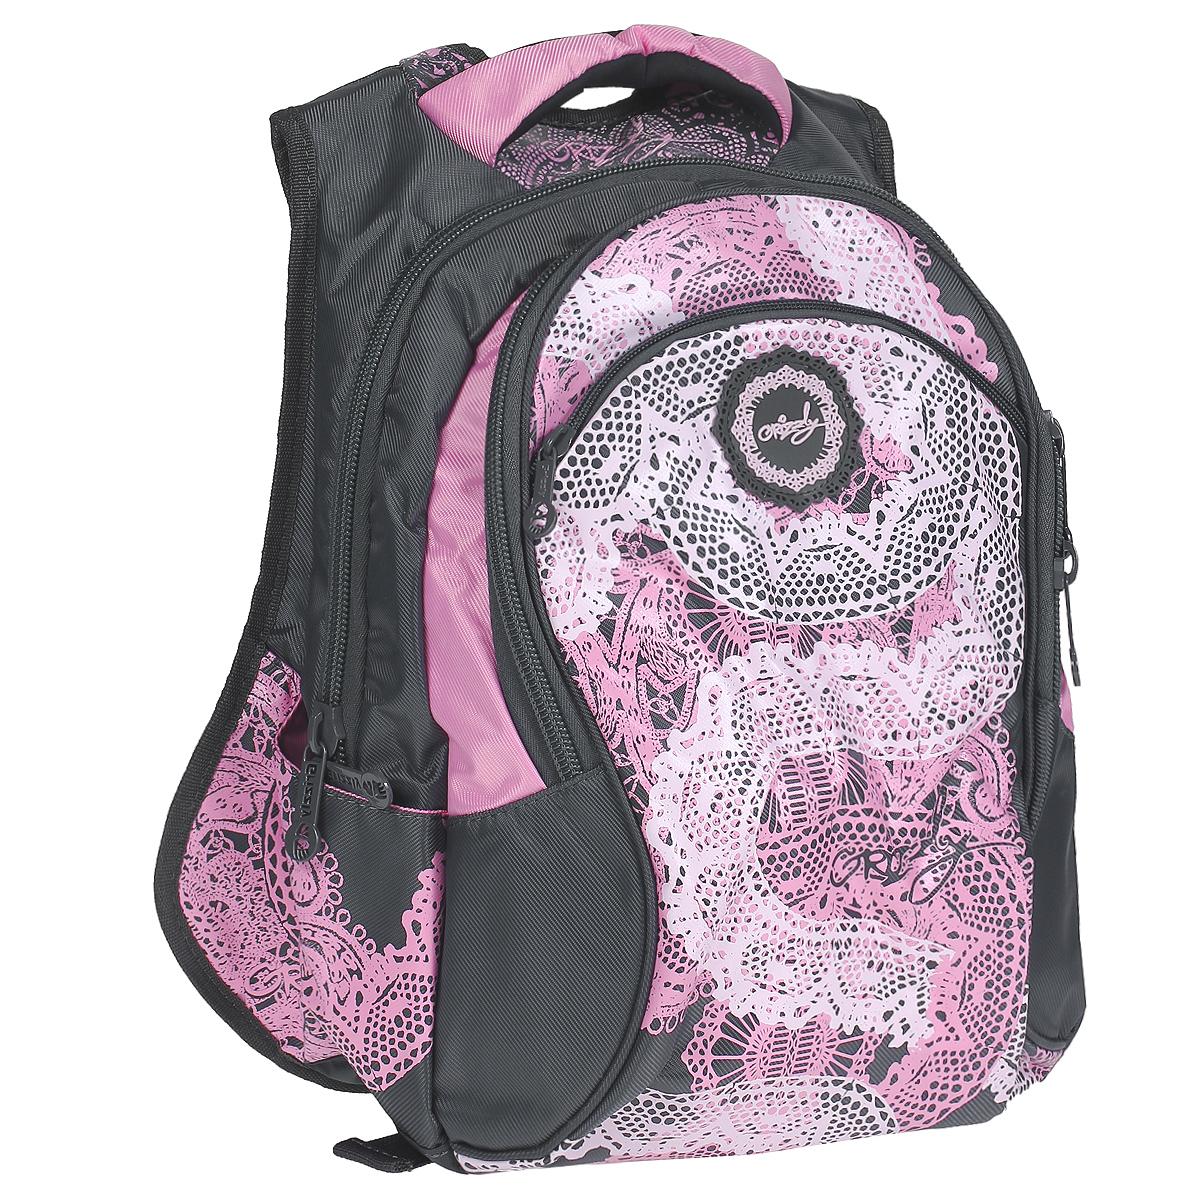 Рюкзак городской Grizzly, цвет: серый, розовый. RD-216-1 RD-216-1/2 311 серый